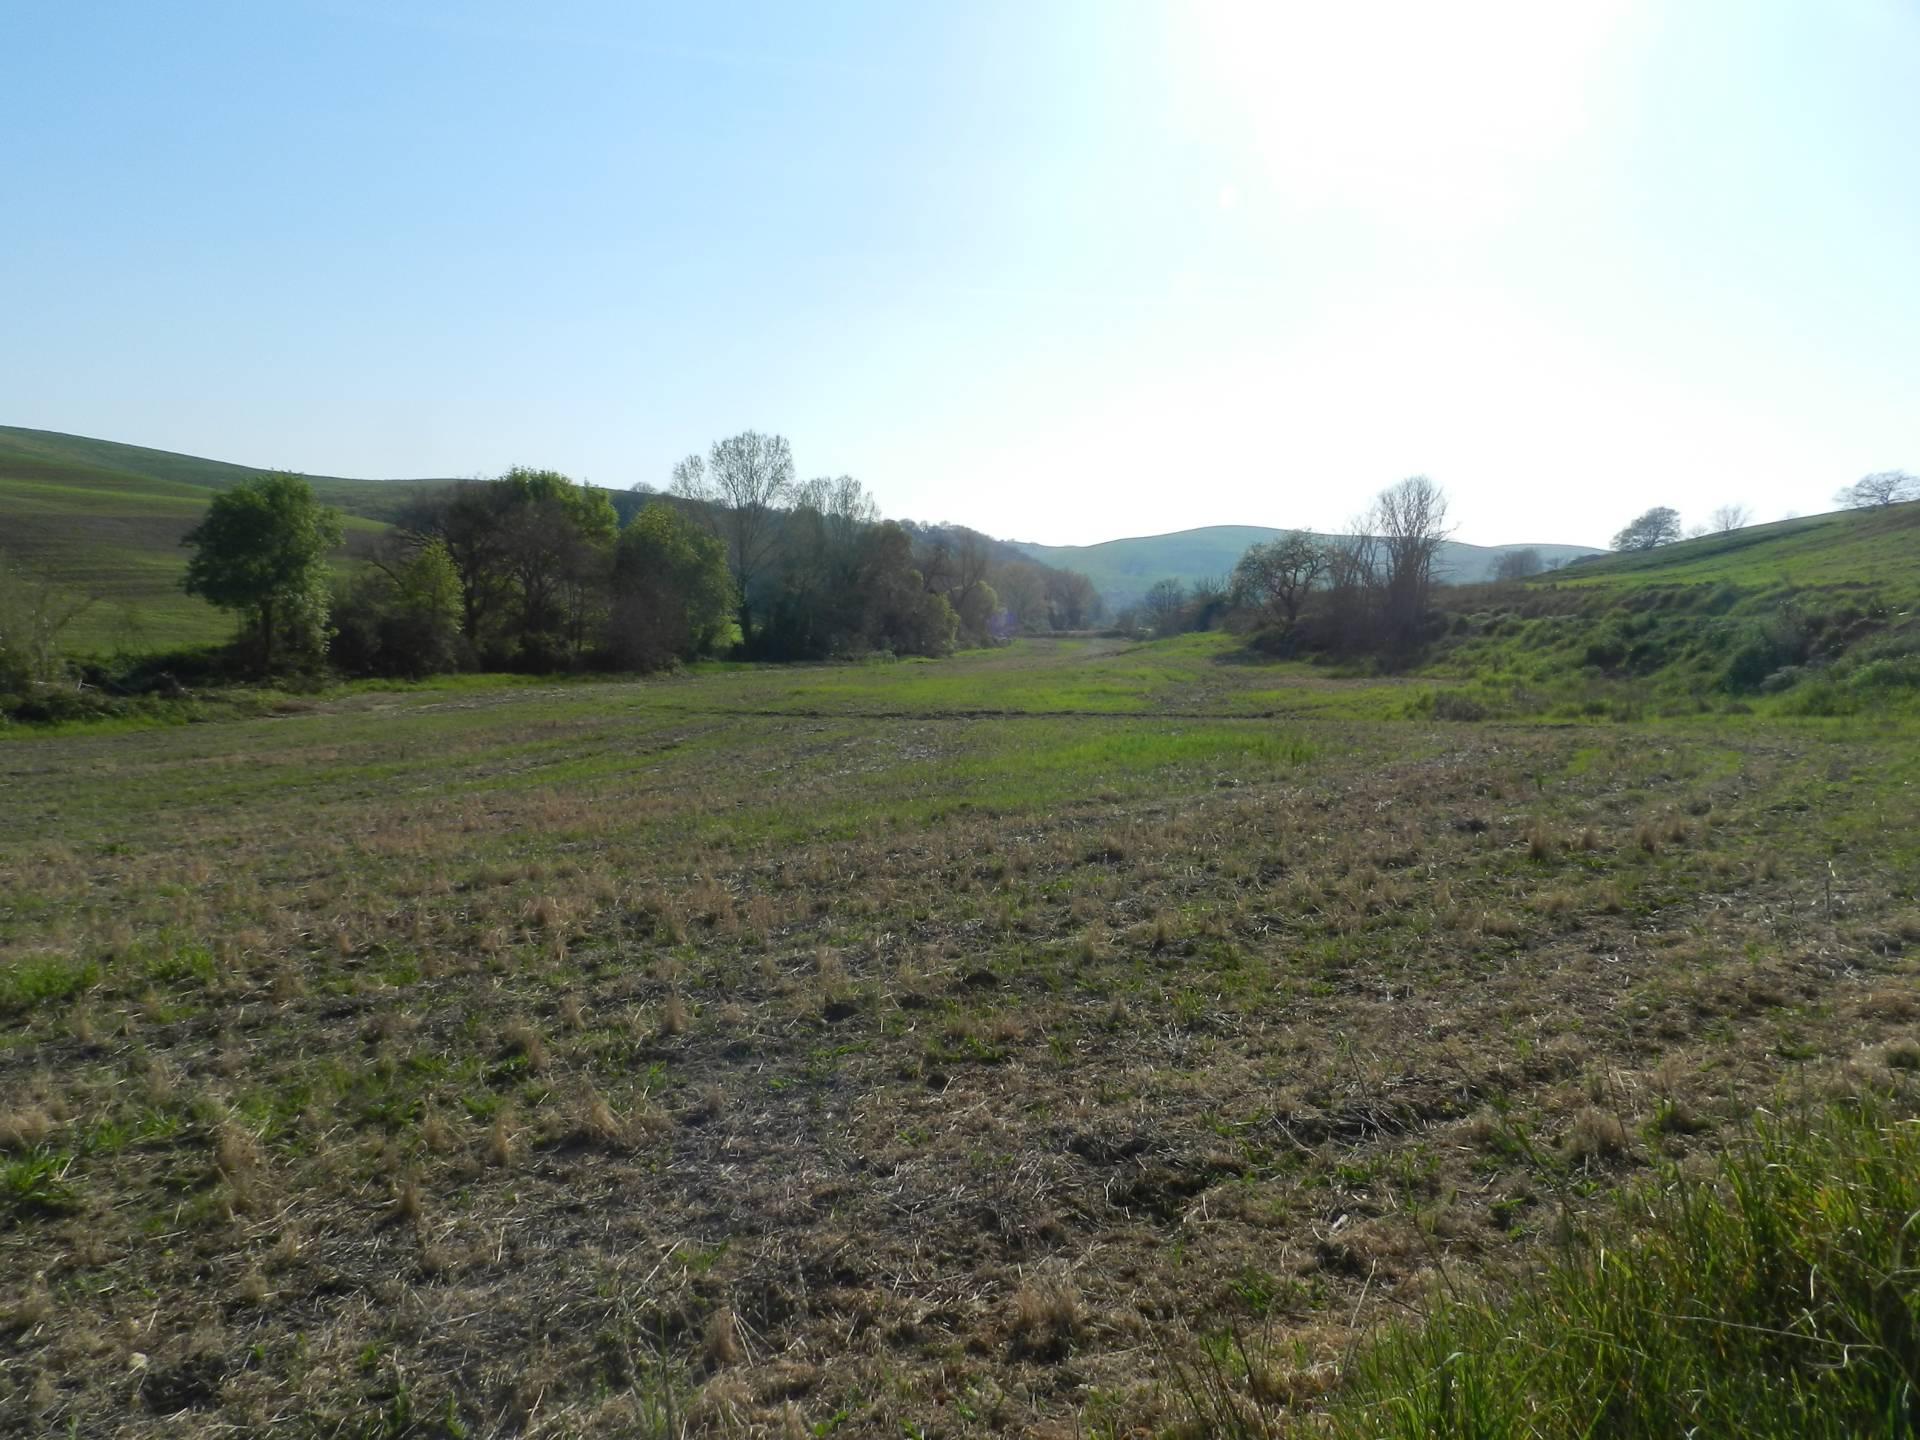 Terreno Agricolo in vendita a Tuscania, 9999 locali, prezzo € 35.000 | CambioCasa.it